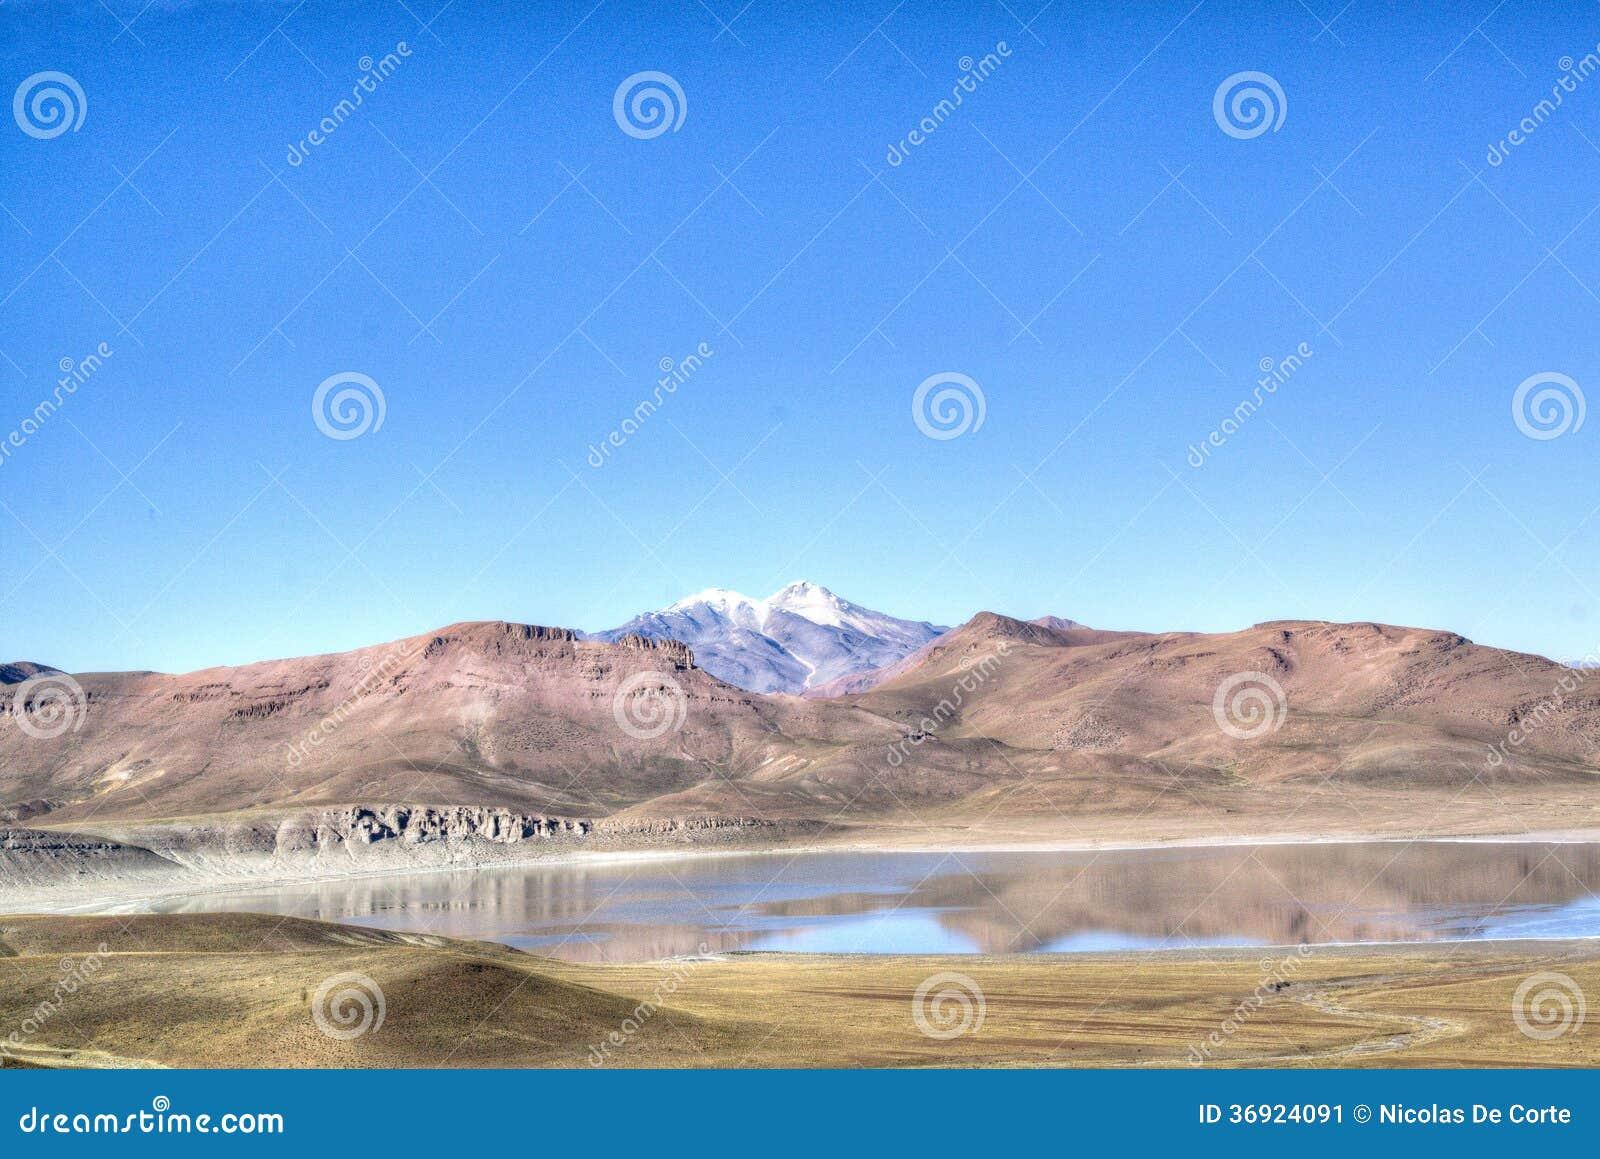 Laguna przy średniogórzami